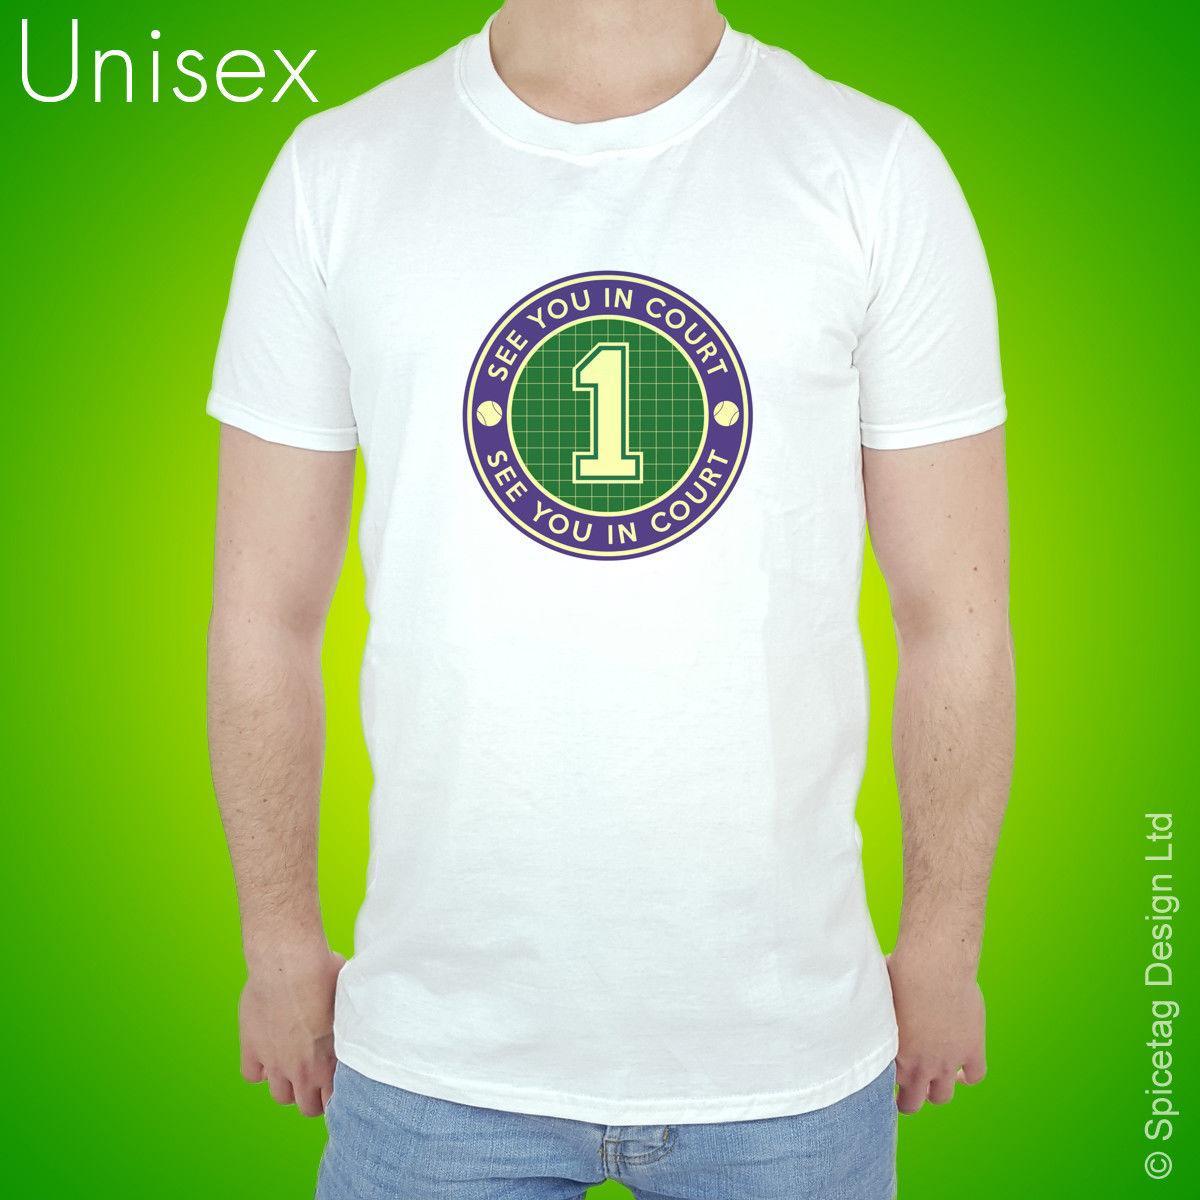 9693351a8d025 Compre Quadra De Tênis 1 T Shirt Engraçado Esportes Tshirt Raquete Jogador  Bola T Shirt Tee De Newlife066